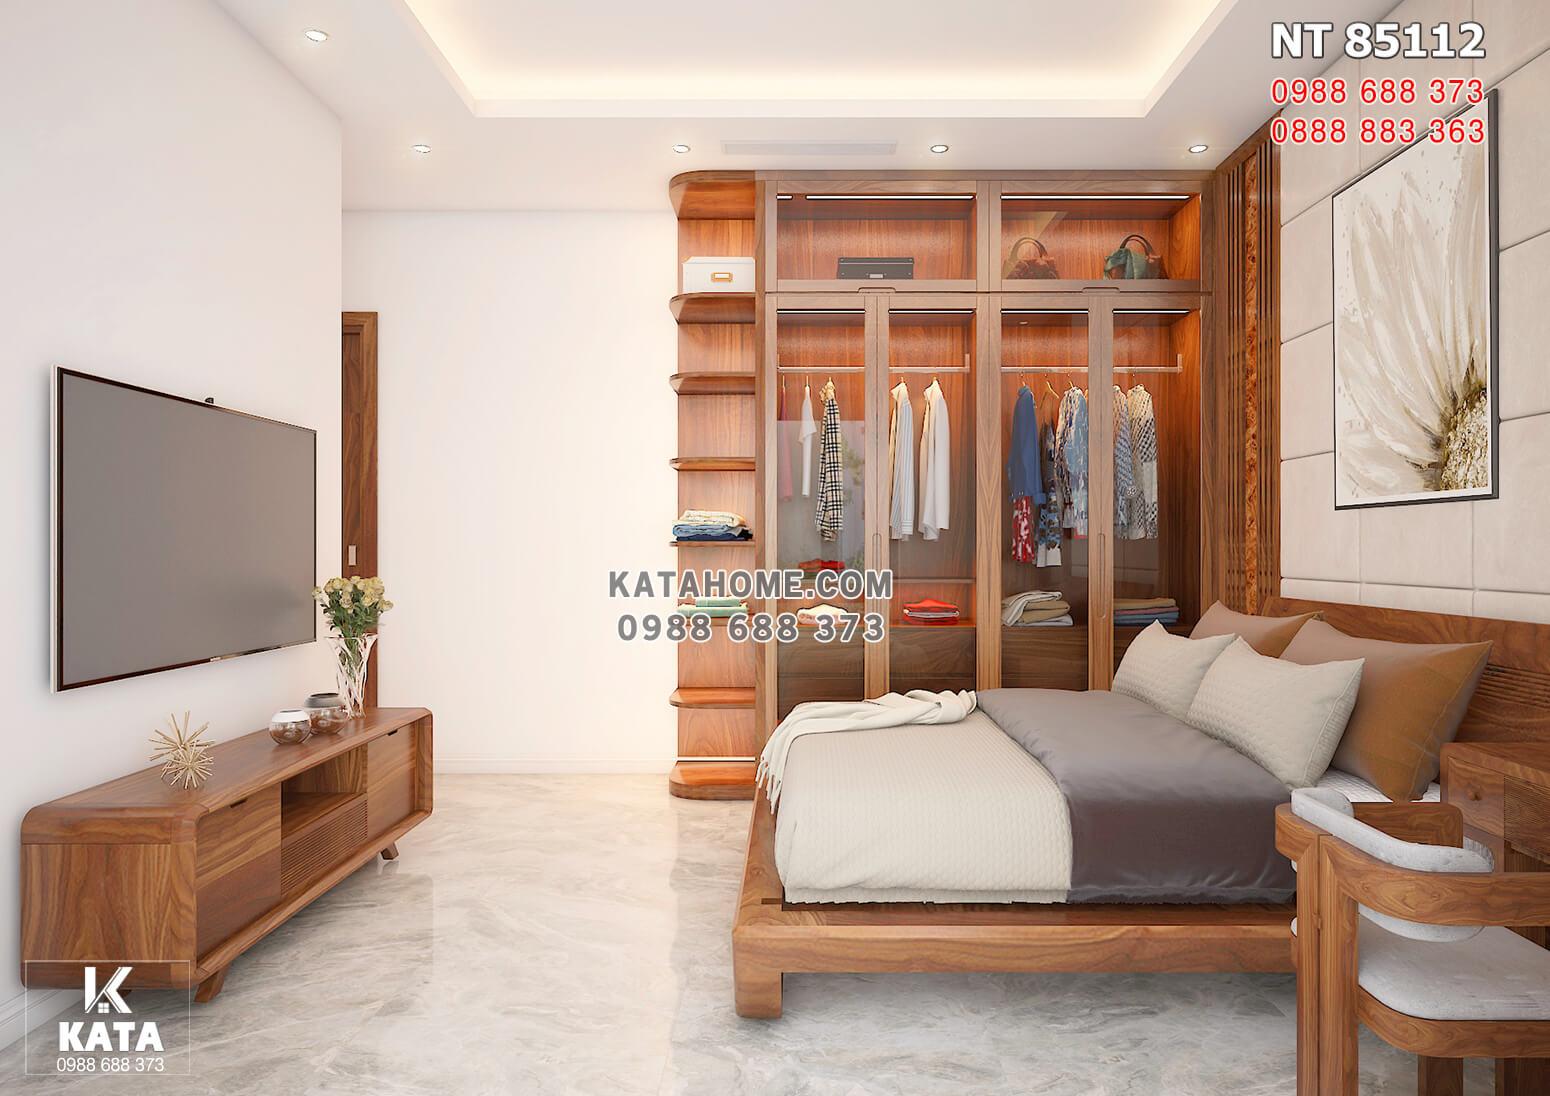 Hình ảnh: Không gian phòng ngủ 2 với các món đồ nội thất gỗ óc chó cao cấp